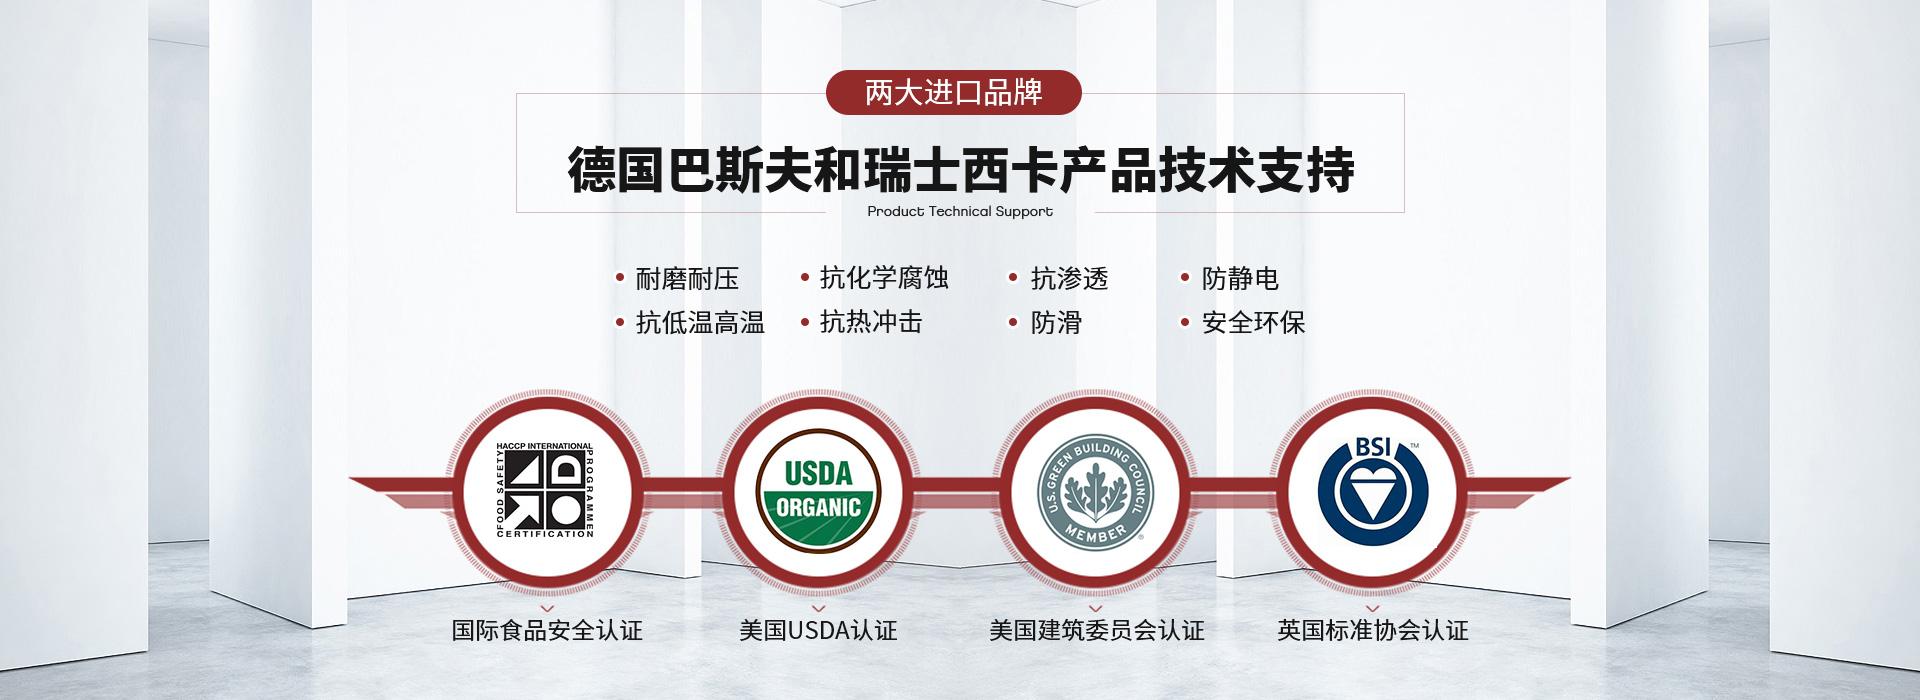 客聪地坪的8大优点:耐磨耐压、抗低温高温、抗化学腐蚀、抗热冲击、抗渗透、防滑、防静电、环保